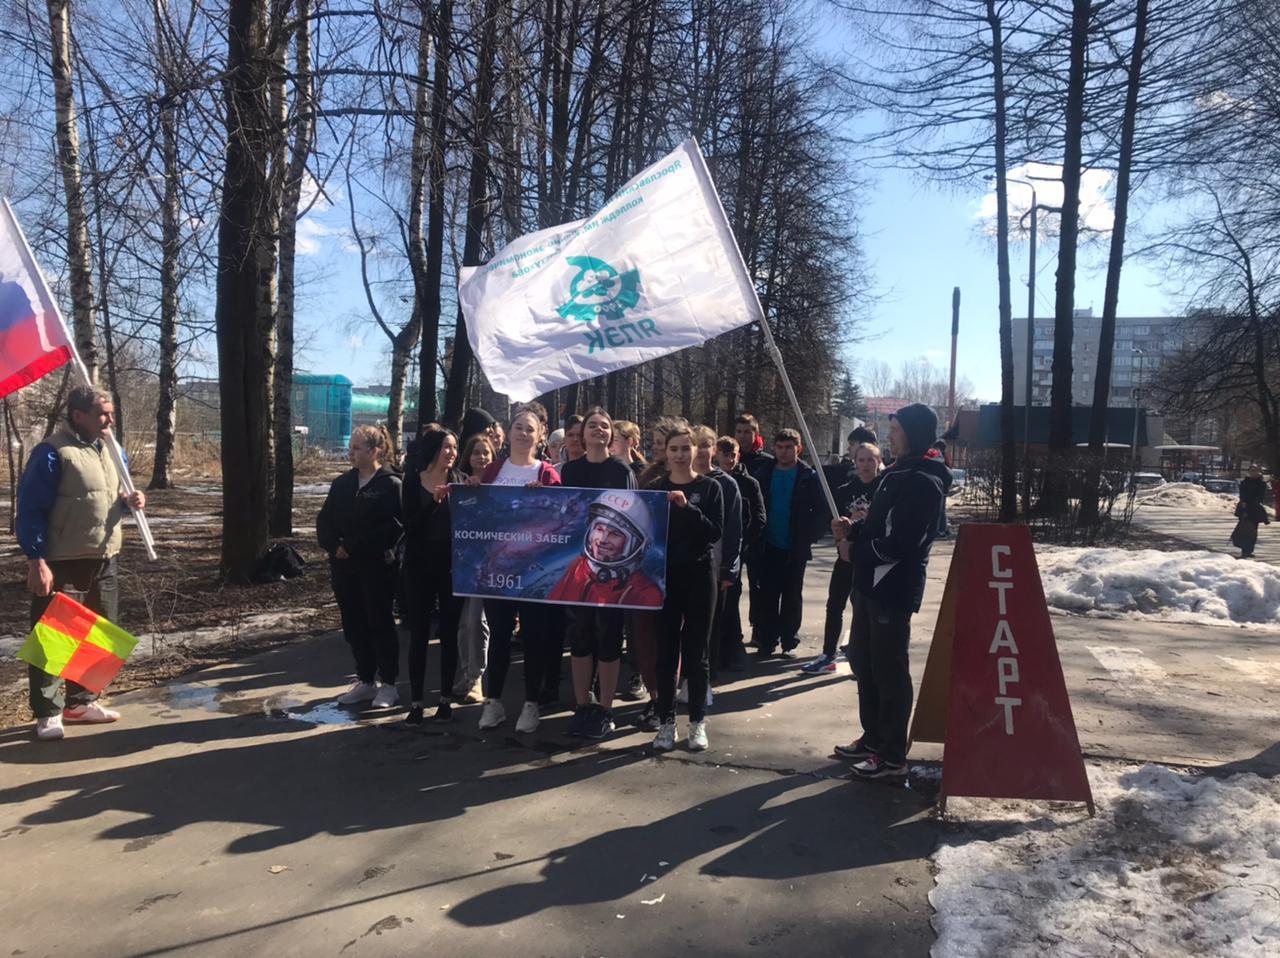 Ярославские школьники и студенты в честь Дня космонавтики написали диктант и совершили забег